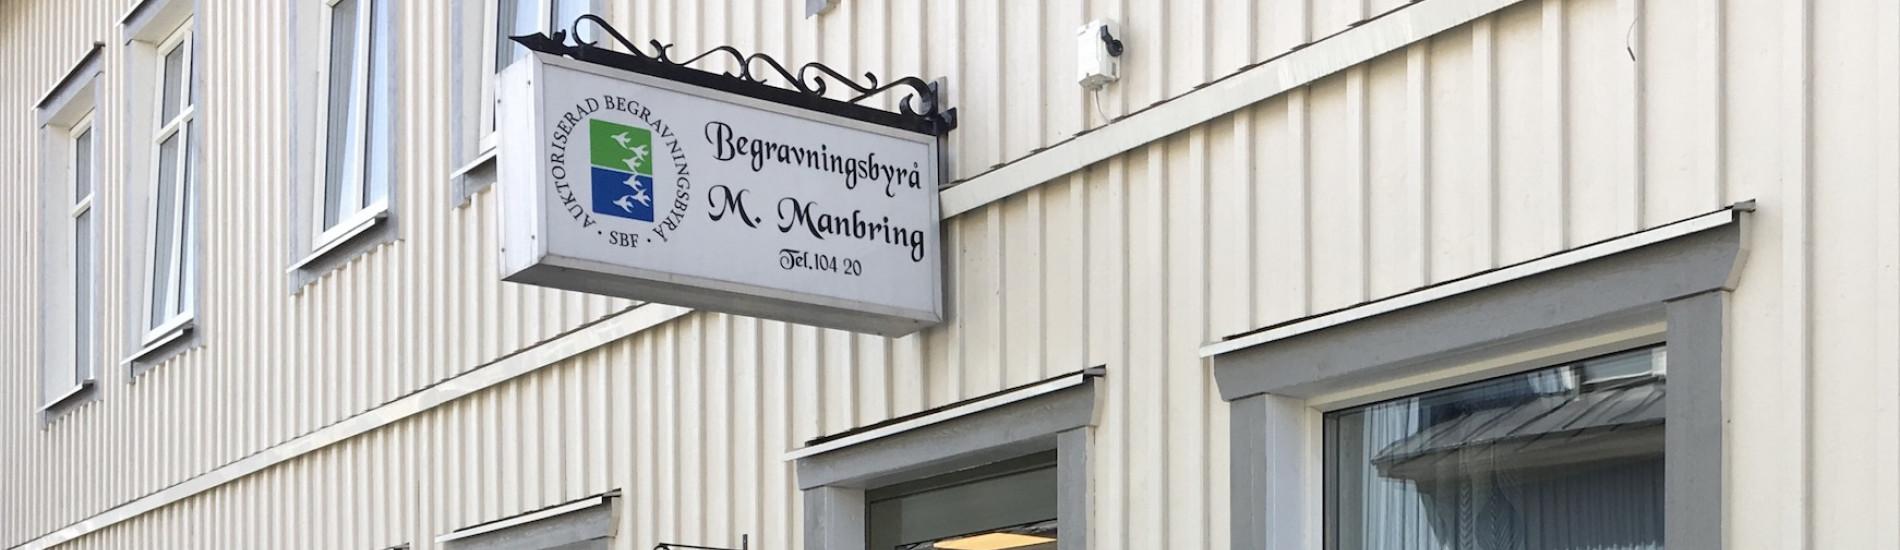 begravningsbyrå stockholm priser